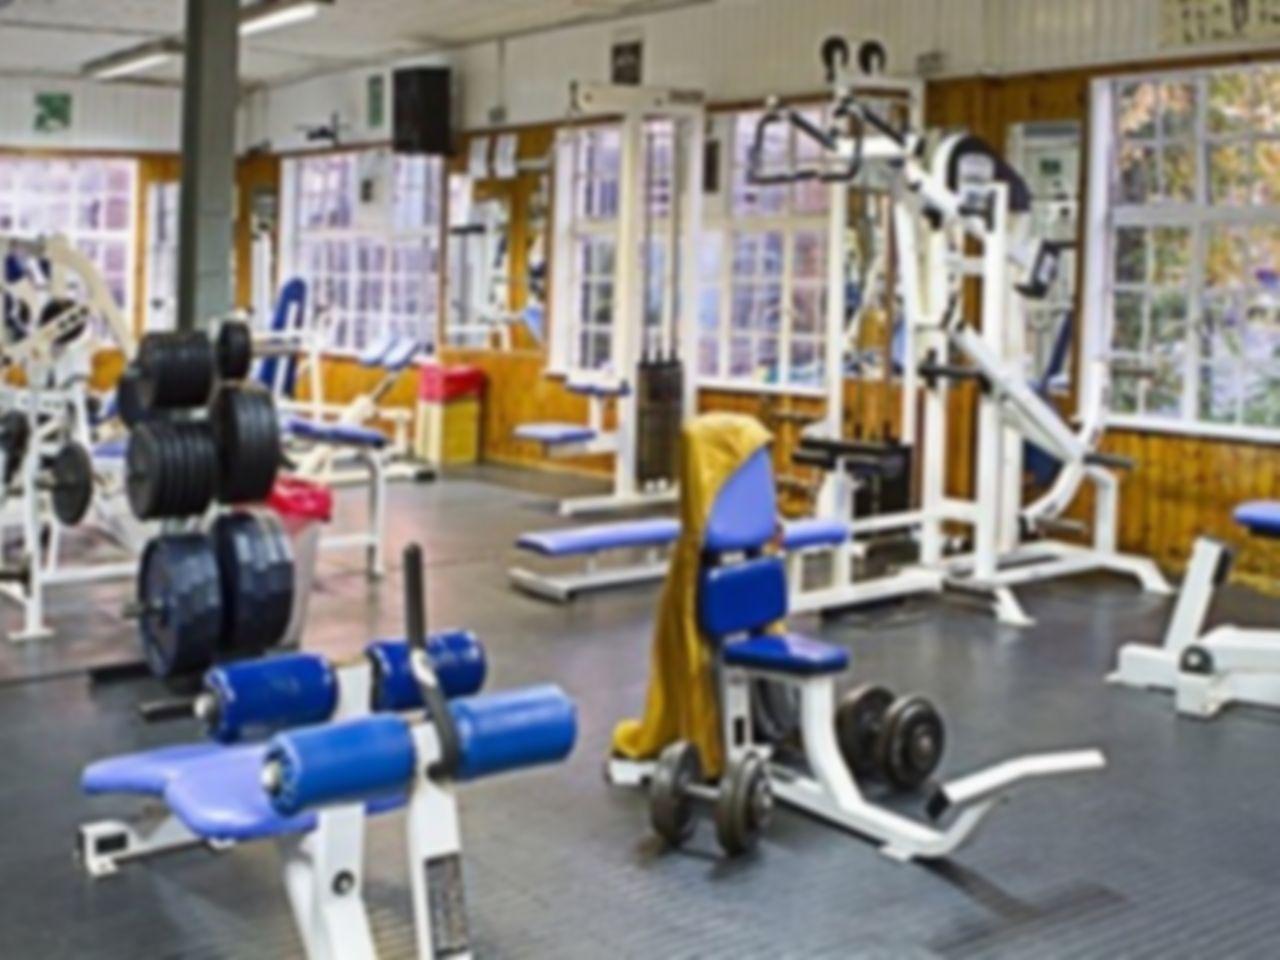 Titan Gym, London, E8 | Hussle com